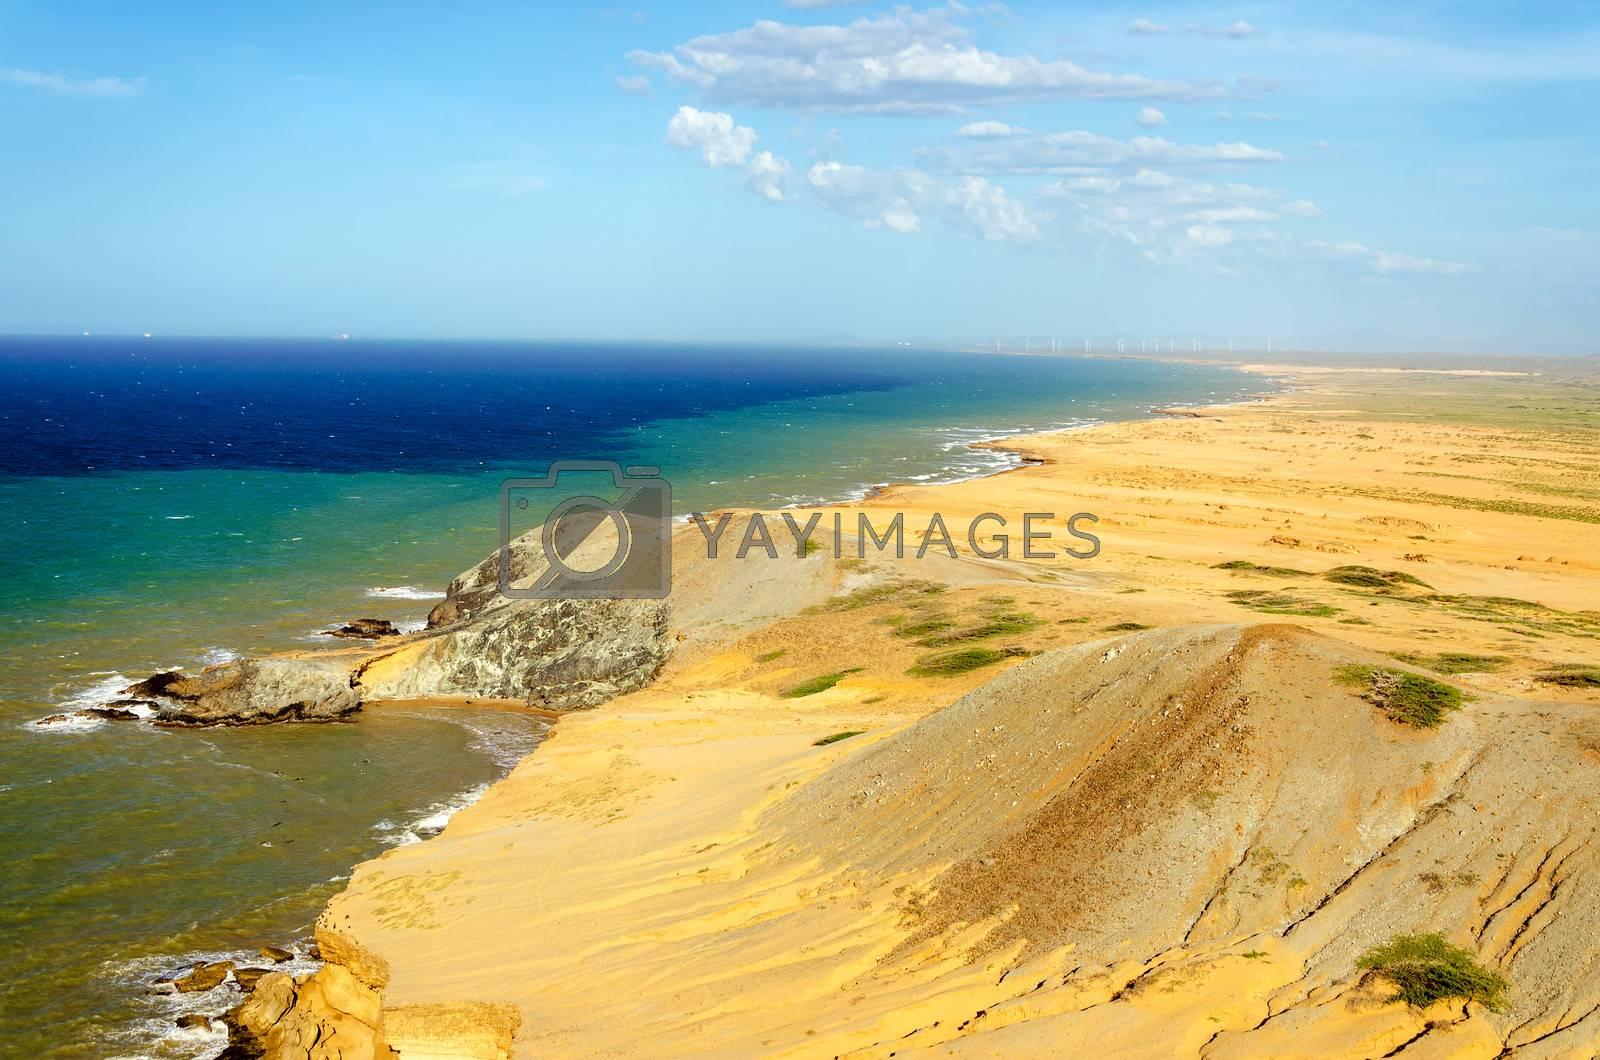 Desert landscape and seascape near Cabo de la Vela in La Guajira, Colombia